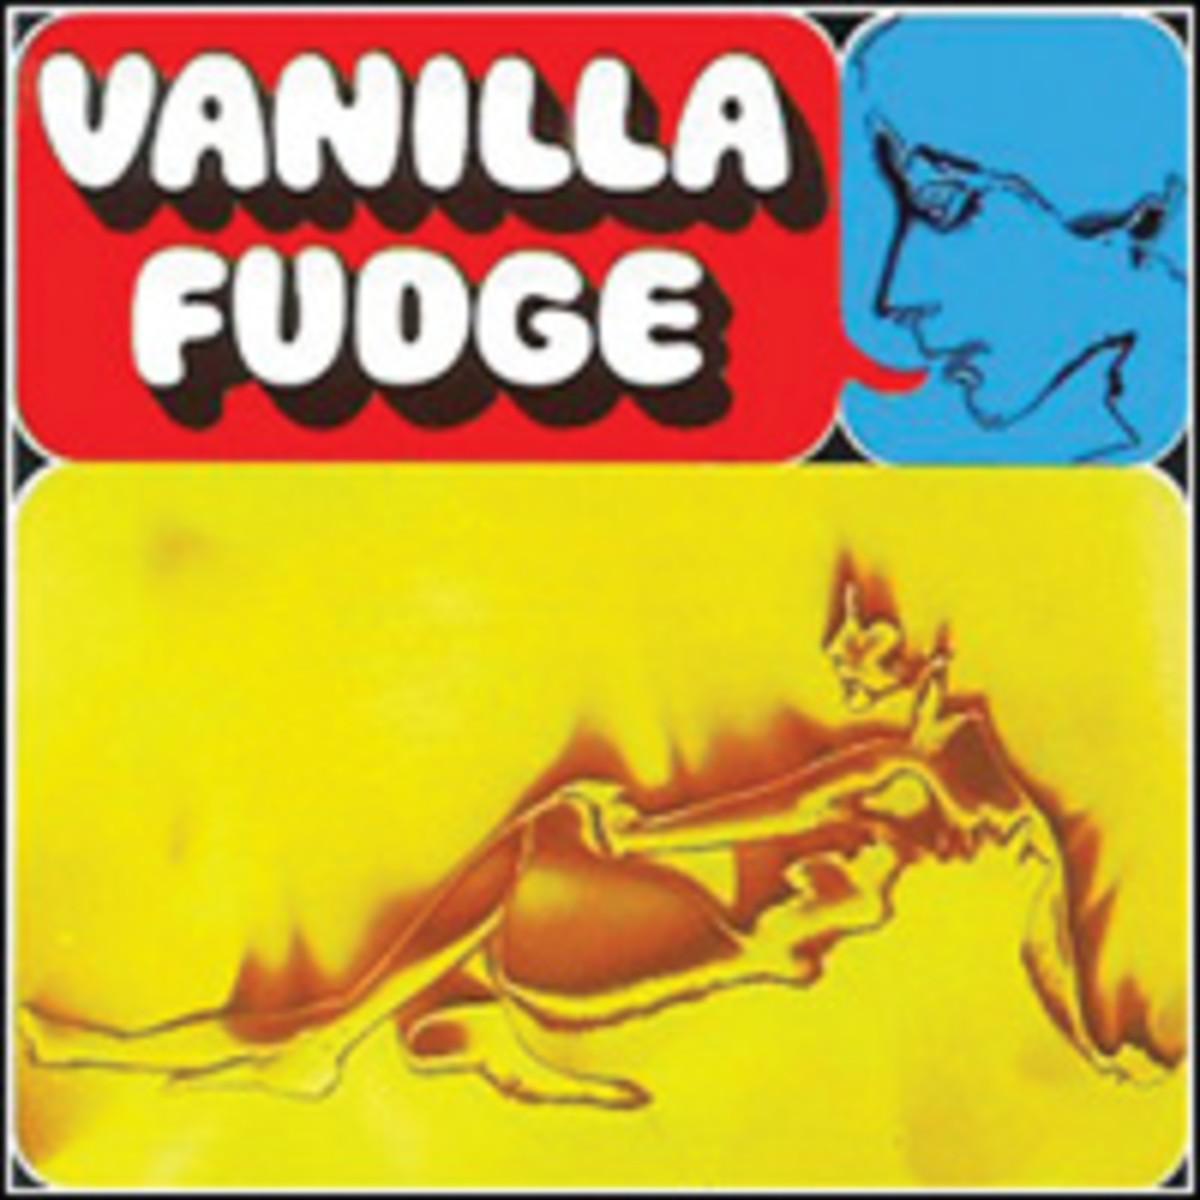 Vanilla Fudge album